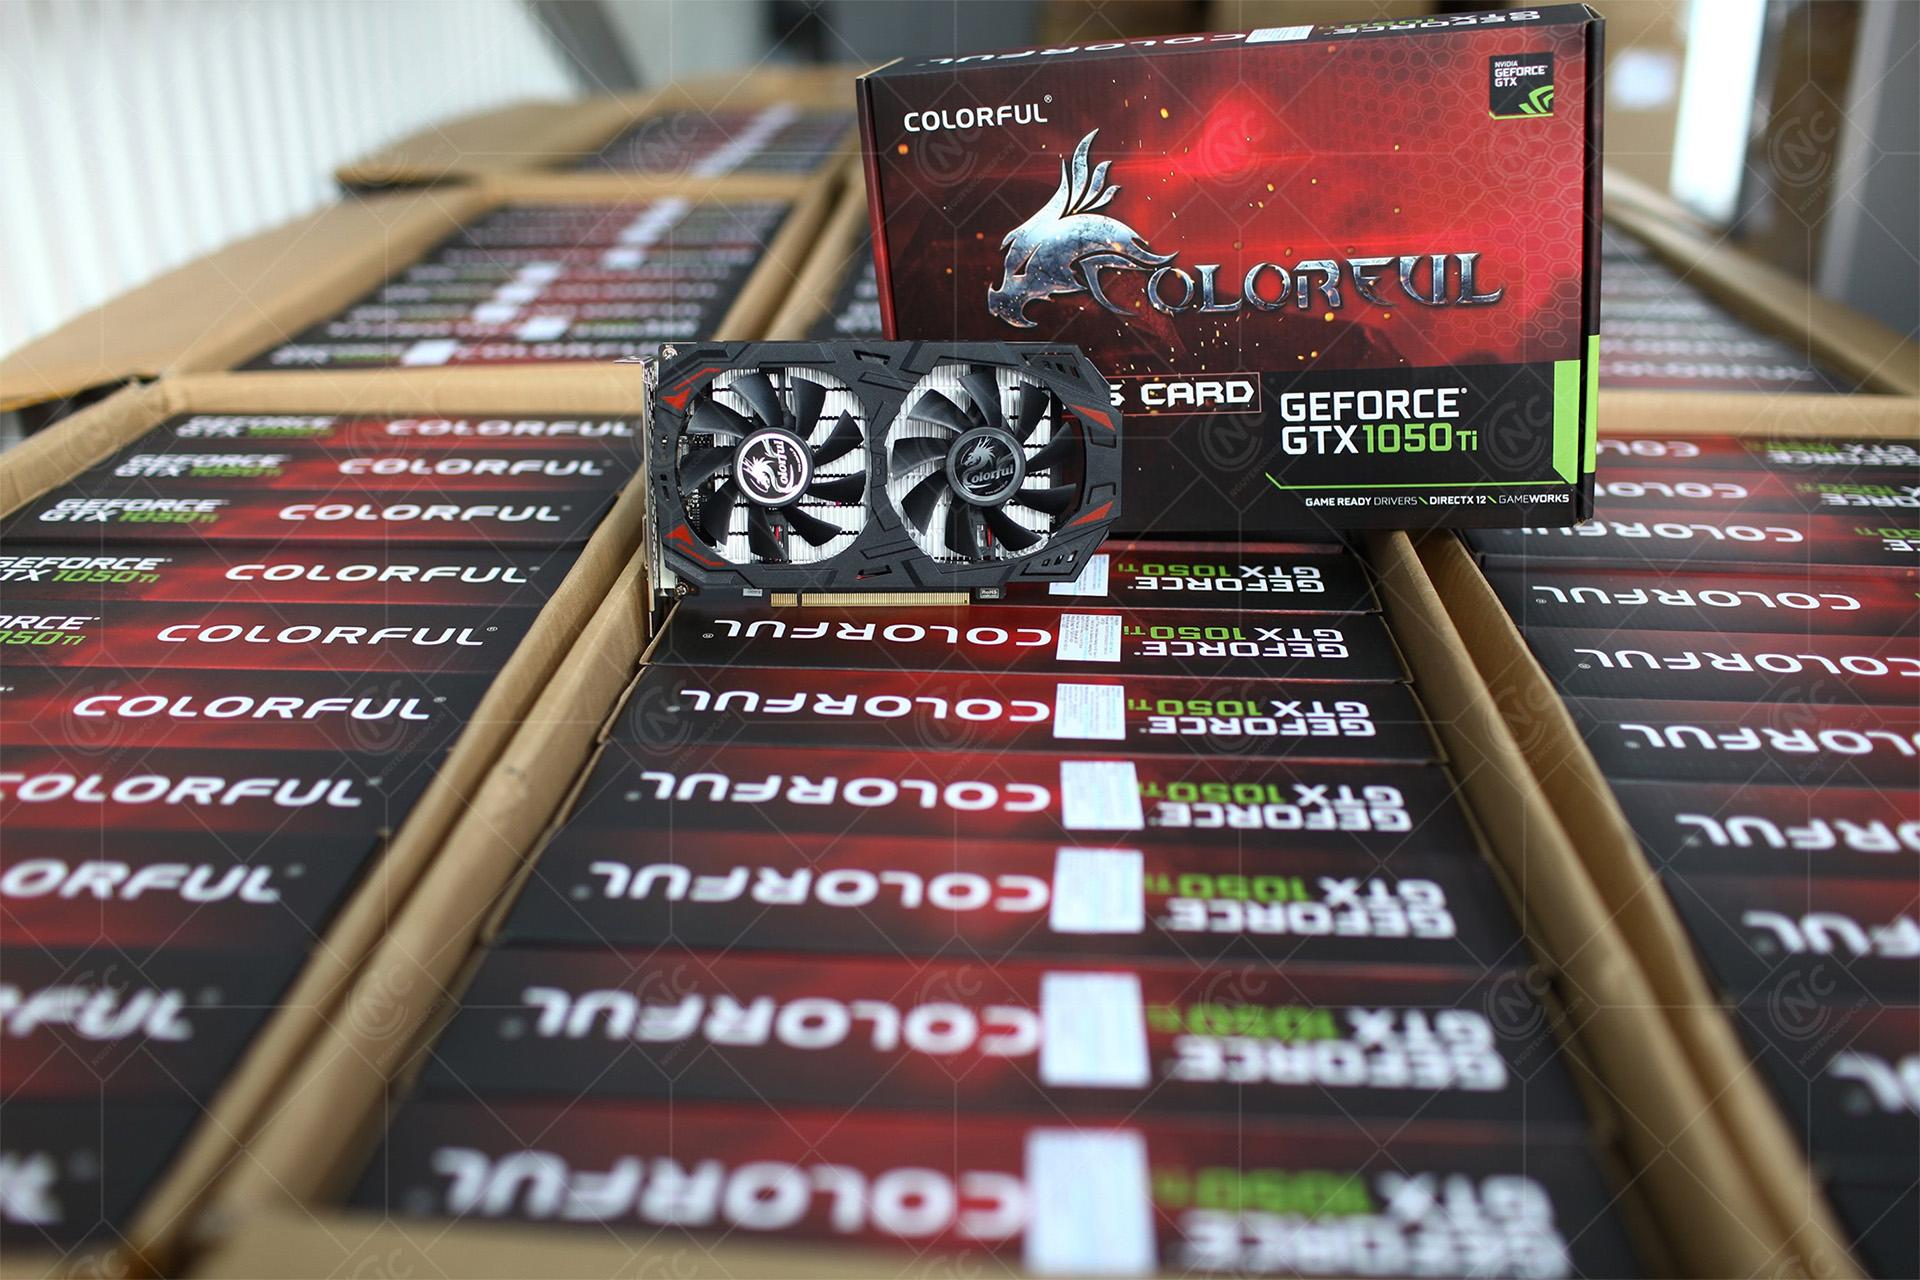 Card Màn Hình Colorful GTX 1050Ti 4G GDDR5 NE